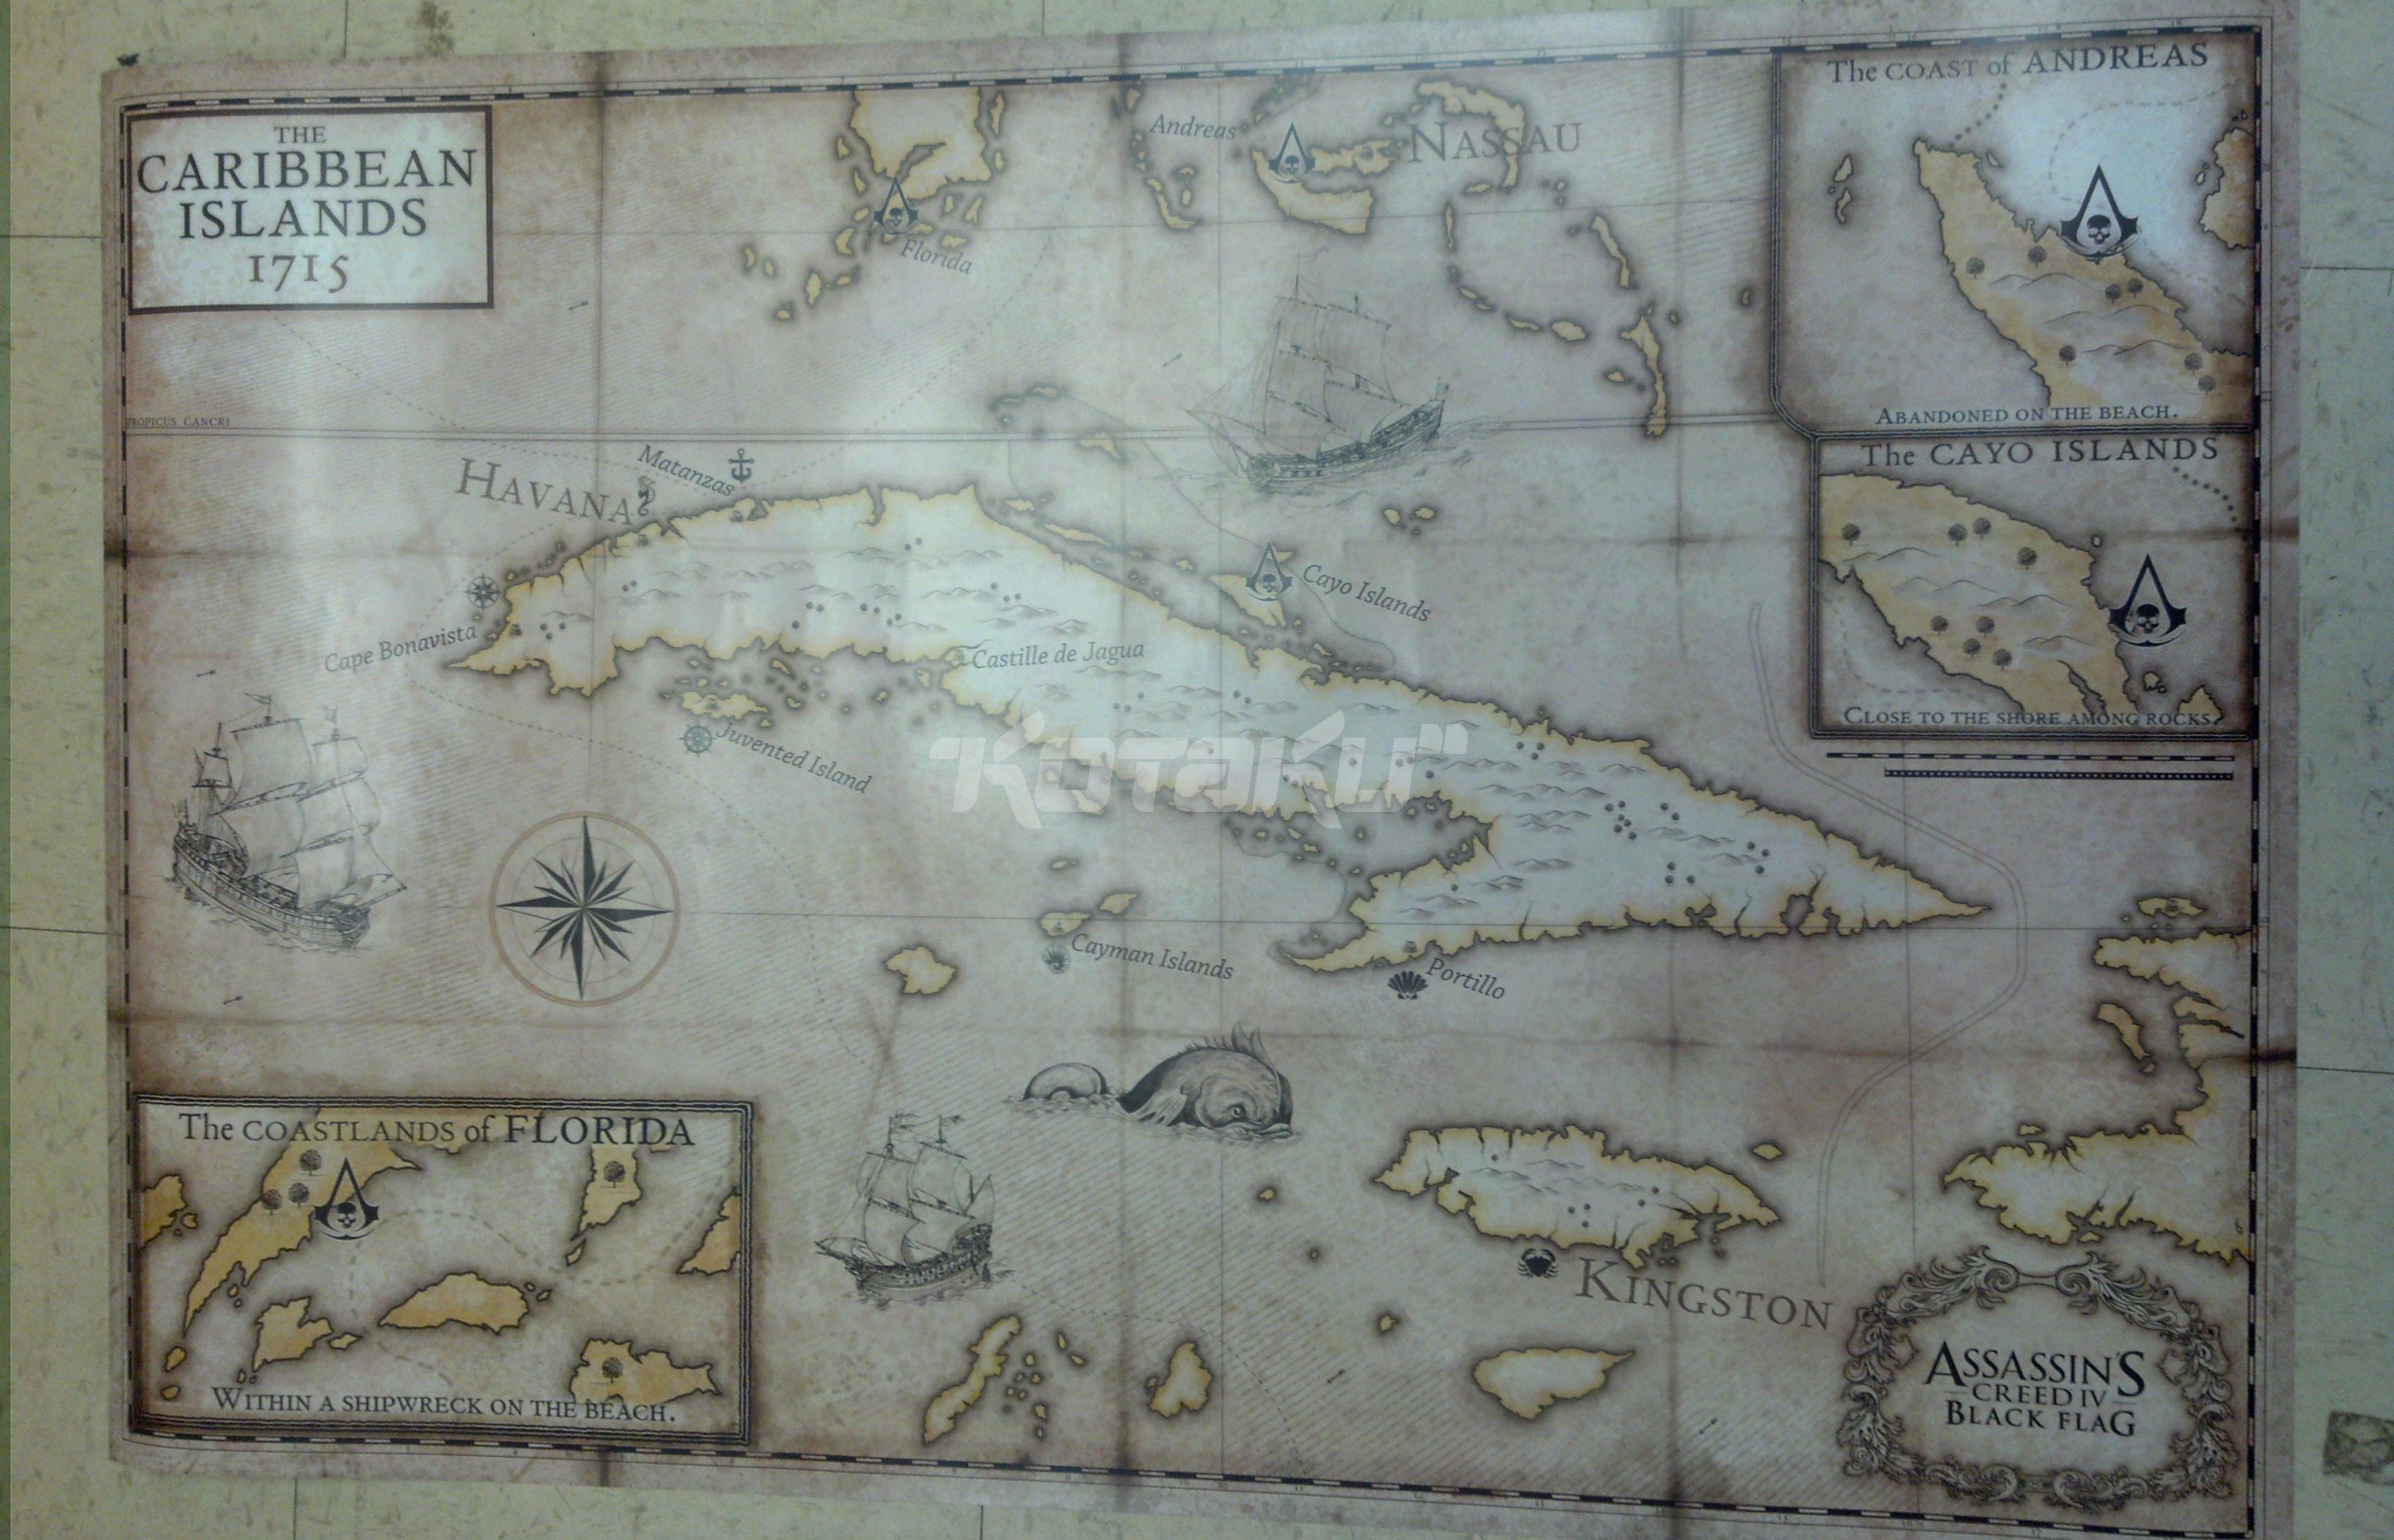 Mapa de assassins creed 4 black flag assassins creed center mapa de assassins creed 4 black flag gumiabroncs Choice Image